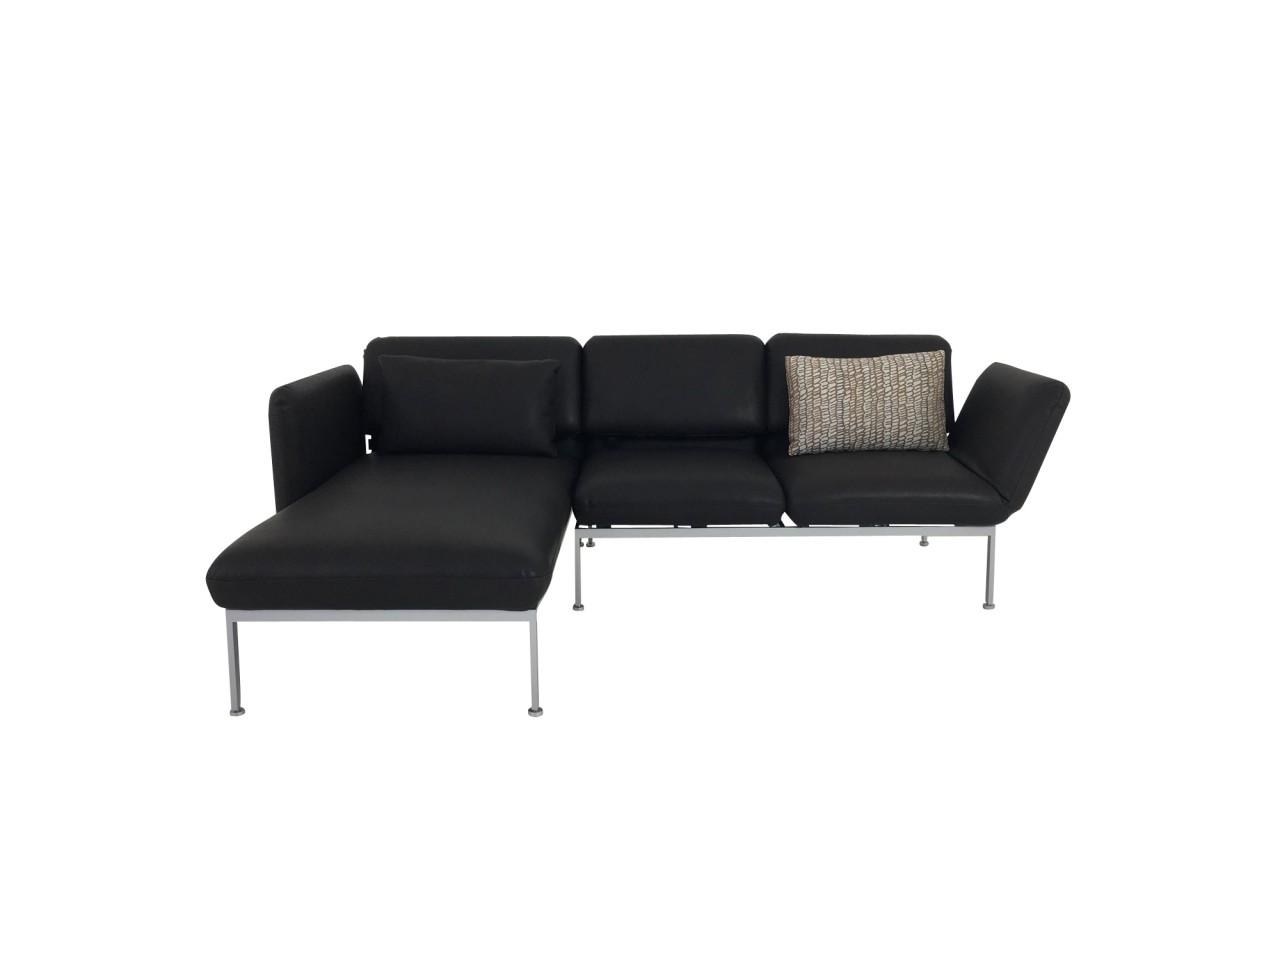 Faszinierend Sofa Mit Recamiere Beste Wahl Brühl Roro Small In Leder Oliva Dunkelbraun